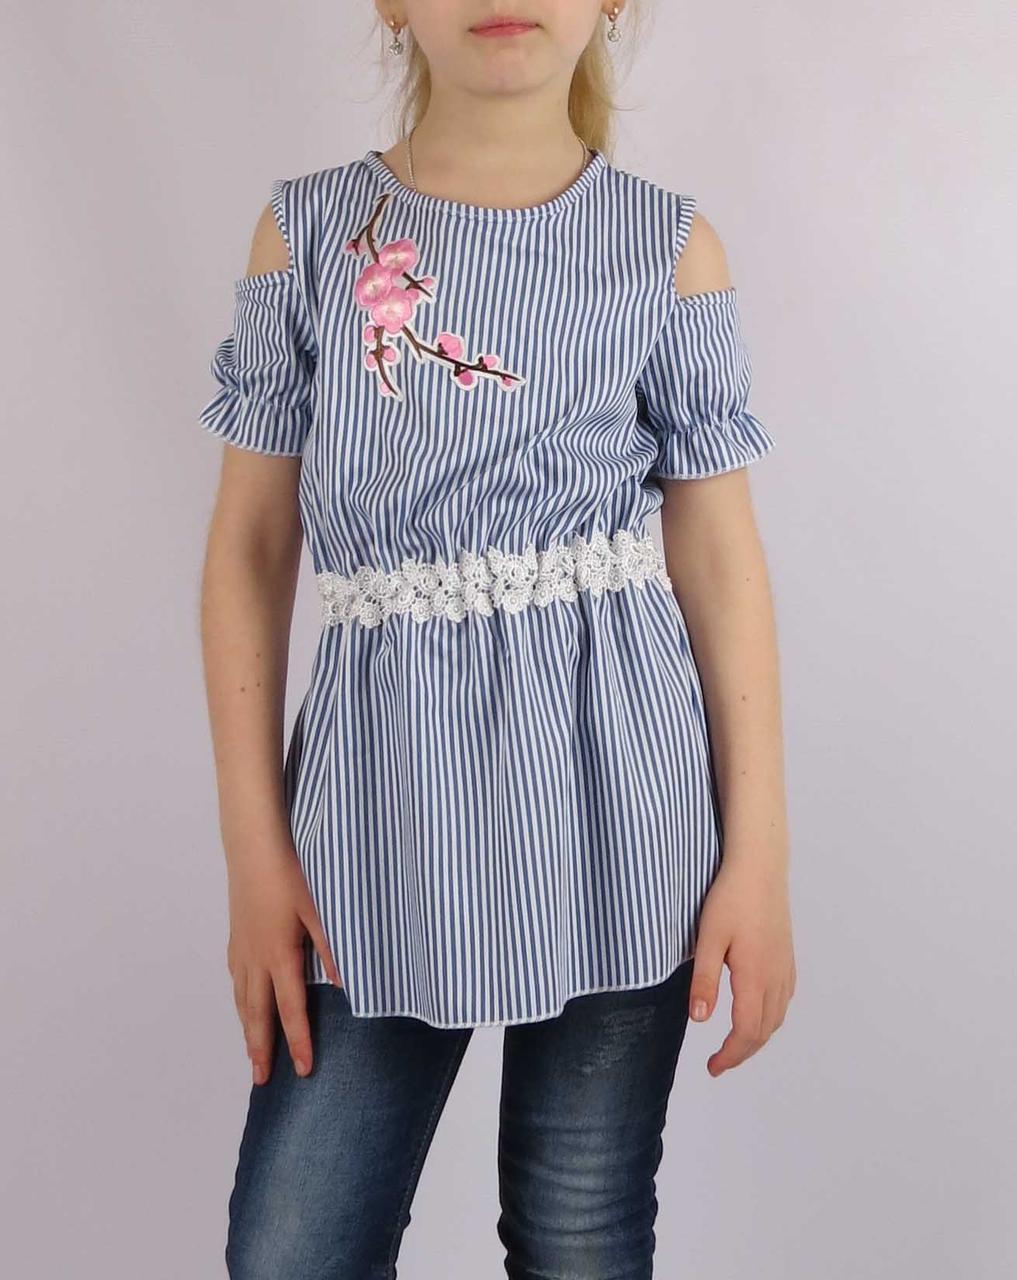 Платье сакура код 612 размеры от 116 см до 134 см (от 5 до 9 лет), фото 1